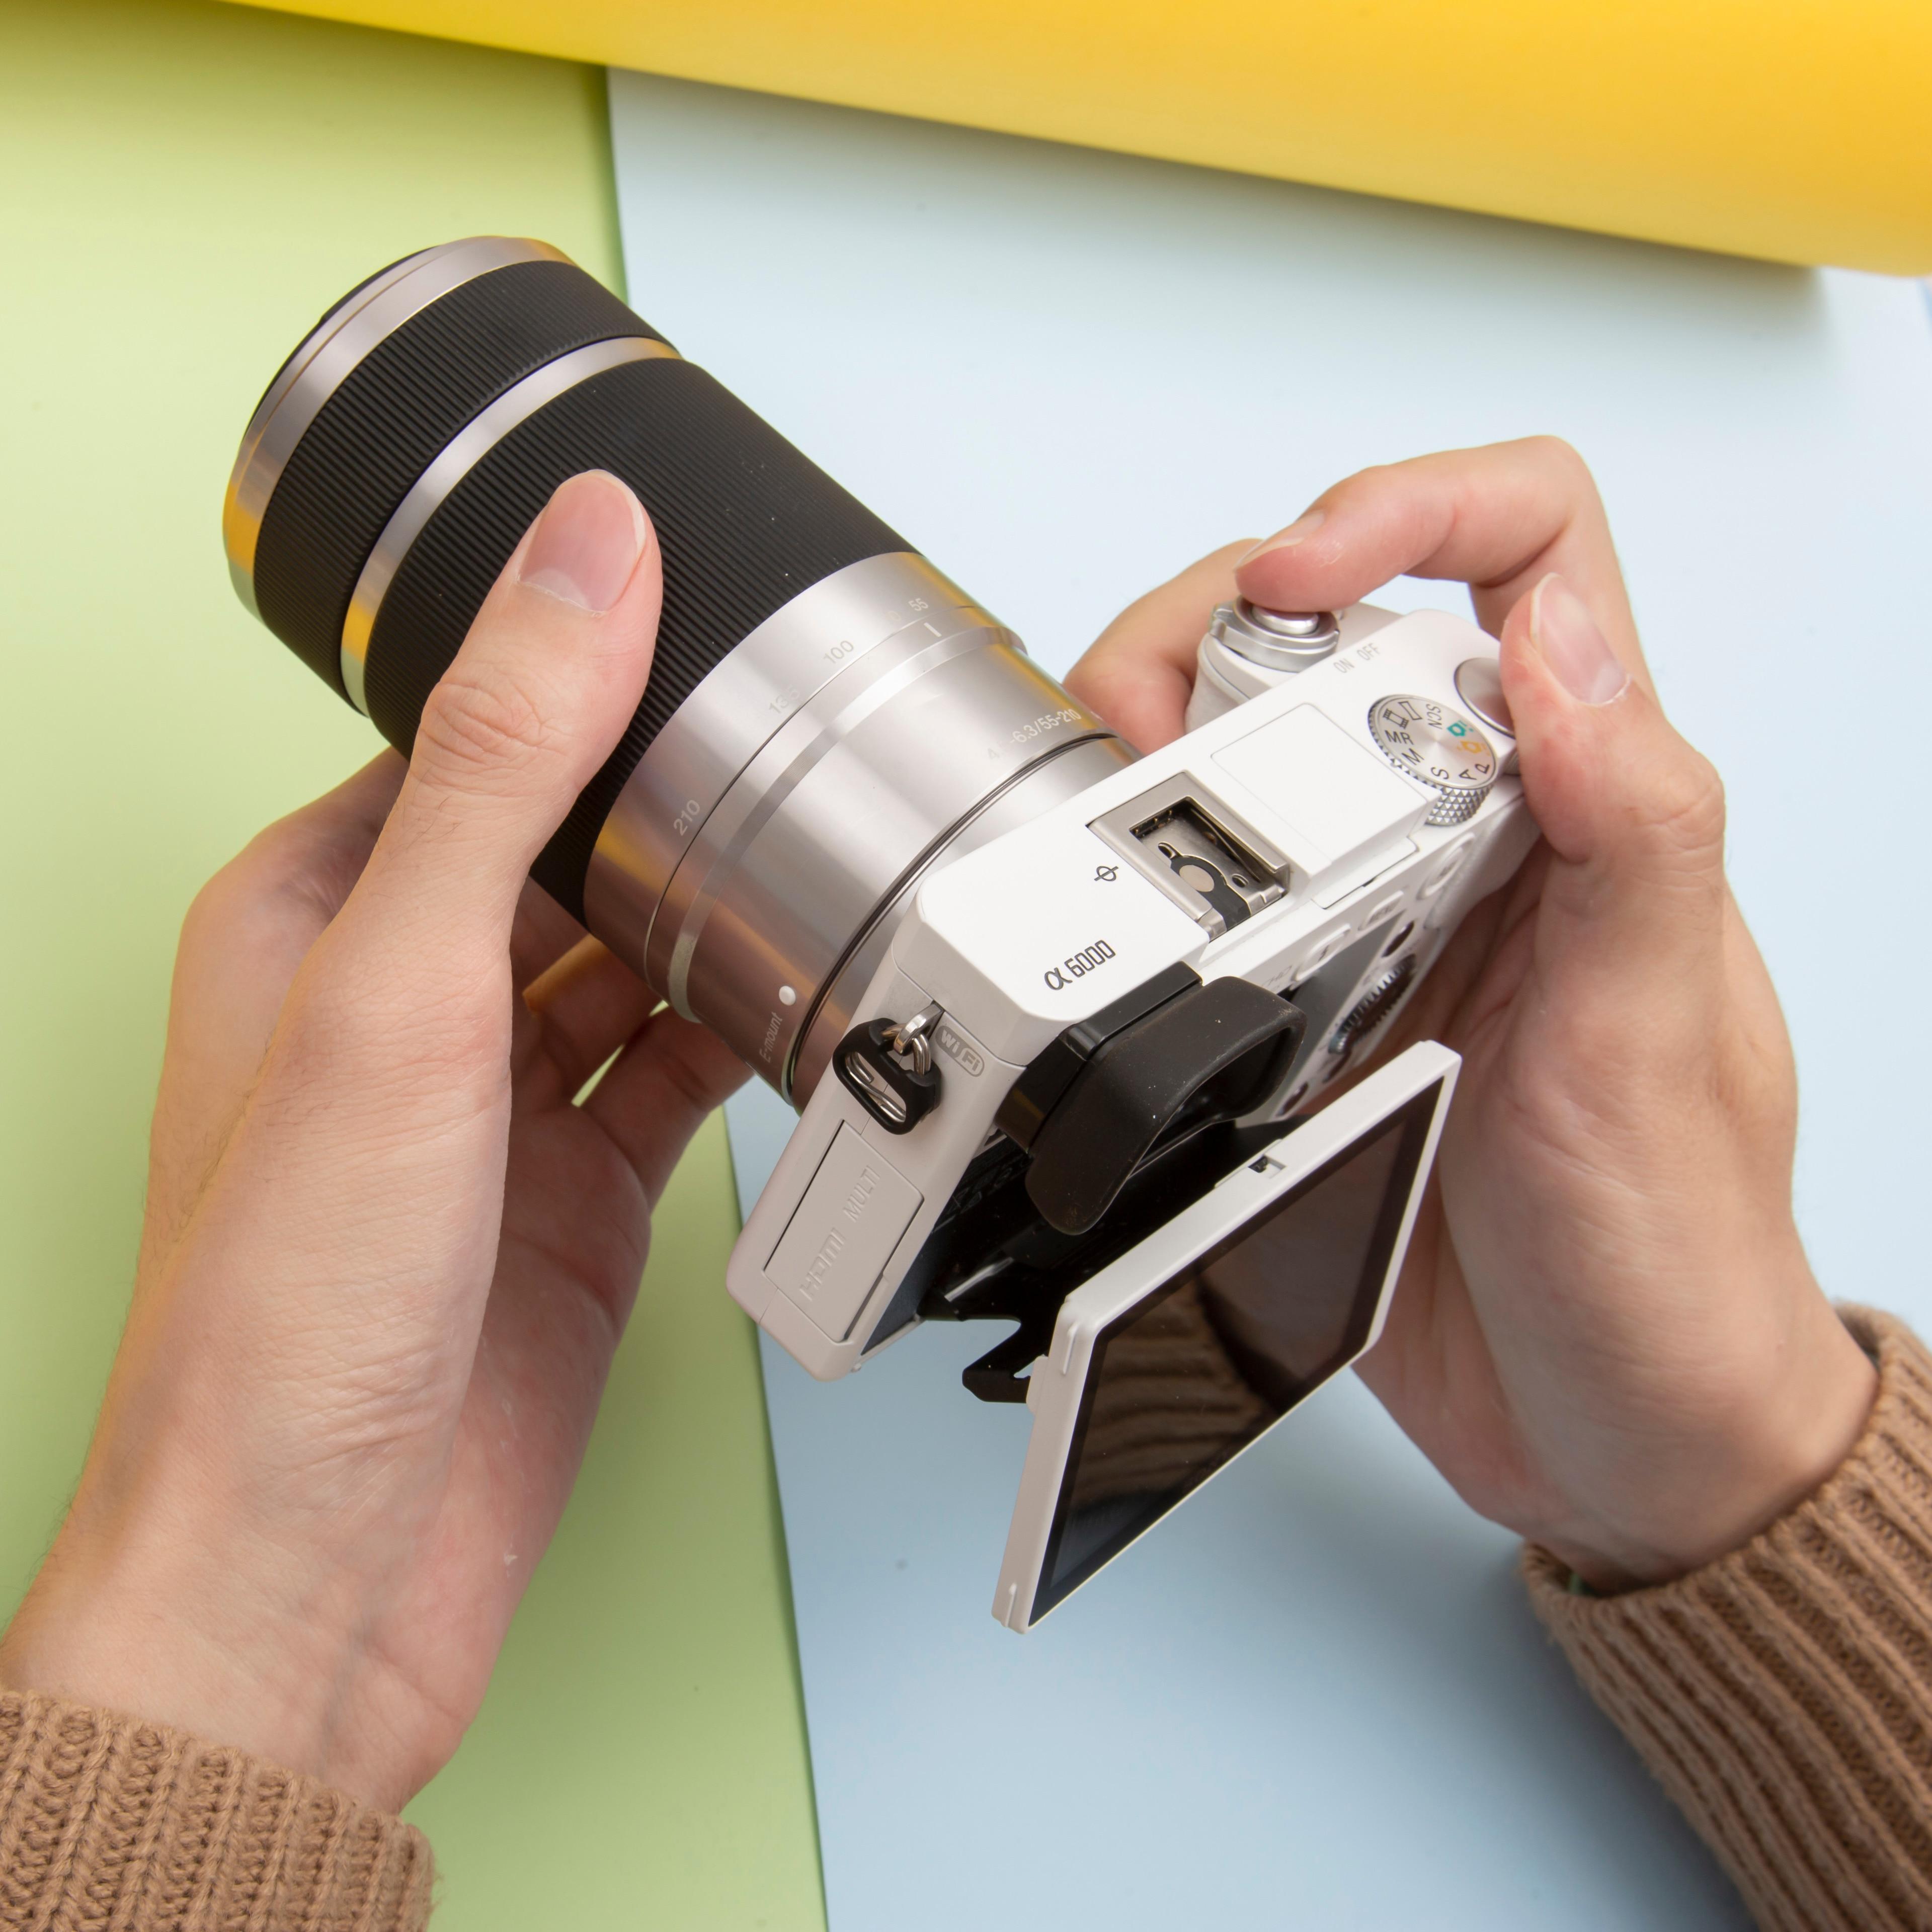 Объектив Sony 55-210 E 55-210 мм f/4,5-6,3 OSS E-Mount Lens (SEL55210) для Sony A5000 A5100 A6000 A6300 A6500 NEX6 NEX7 NEX5R NEX5T